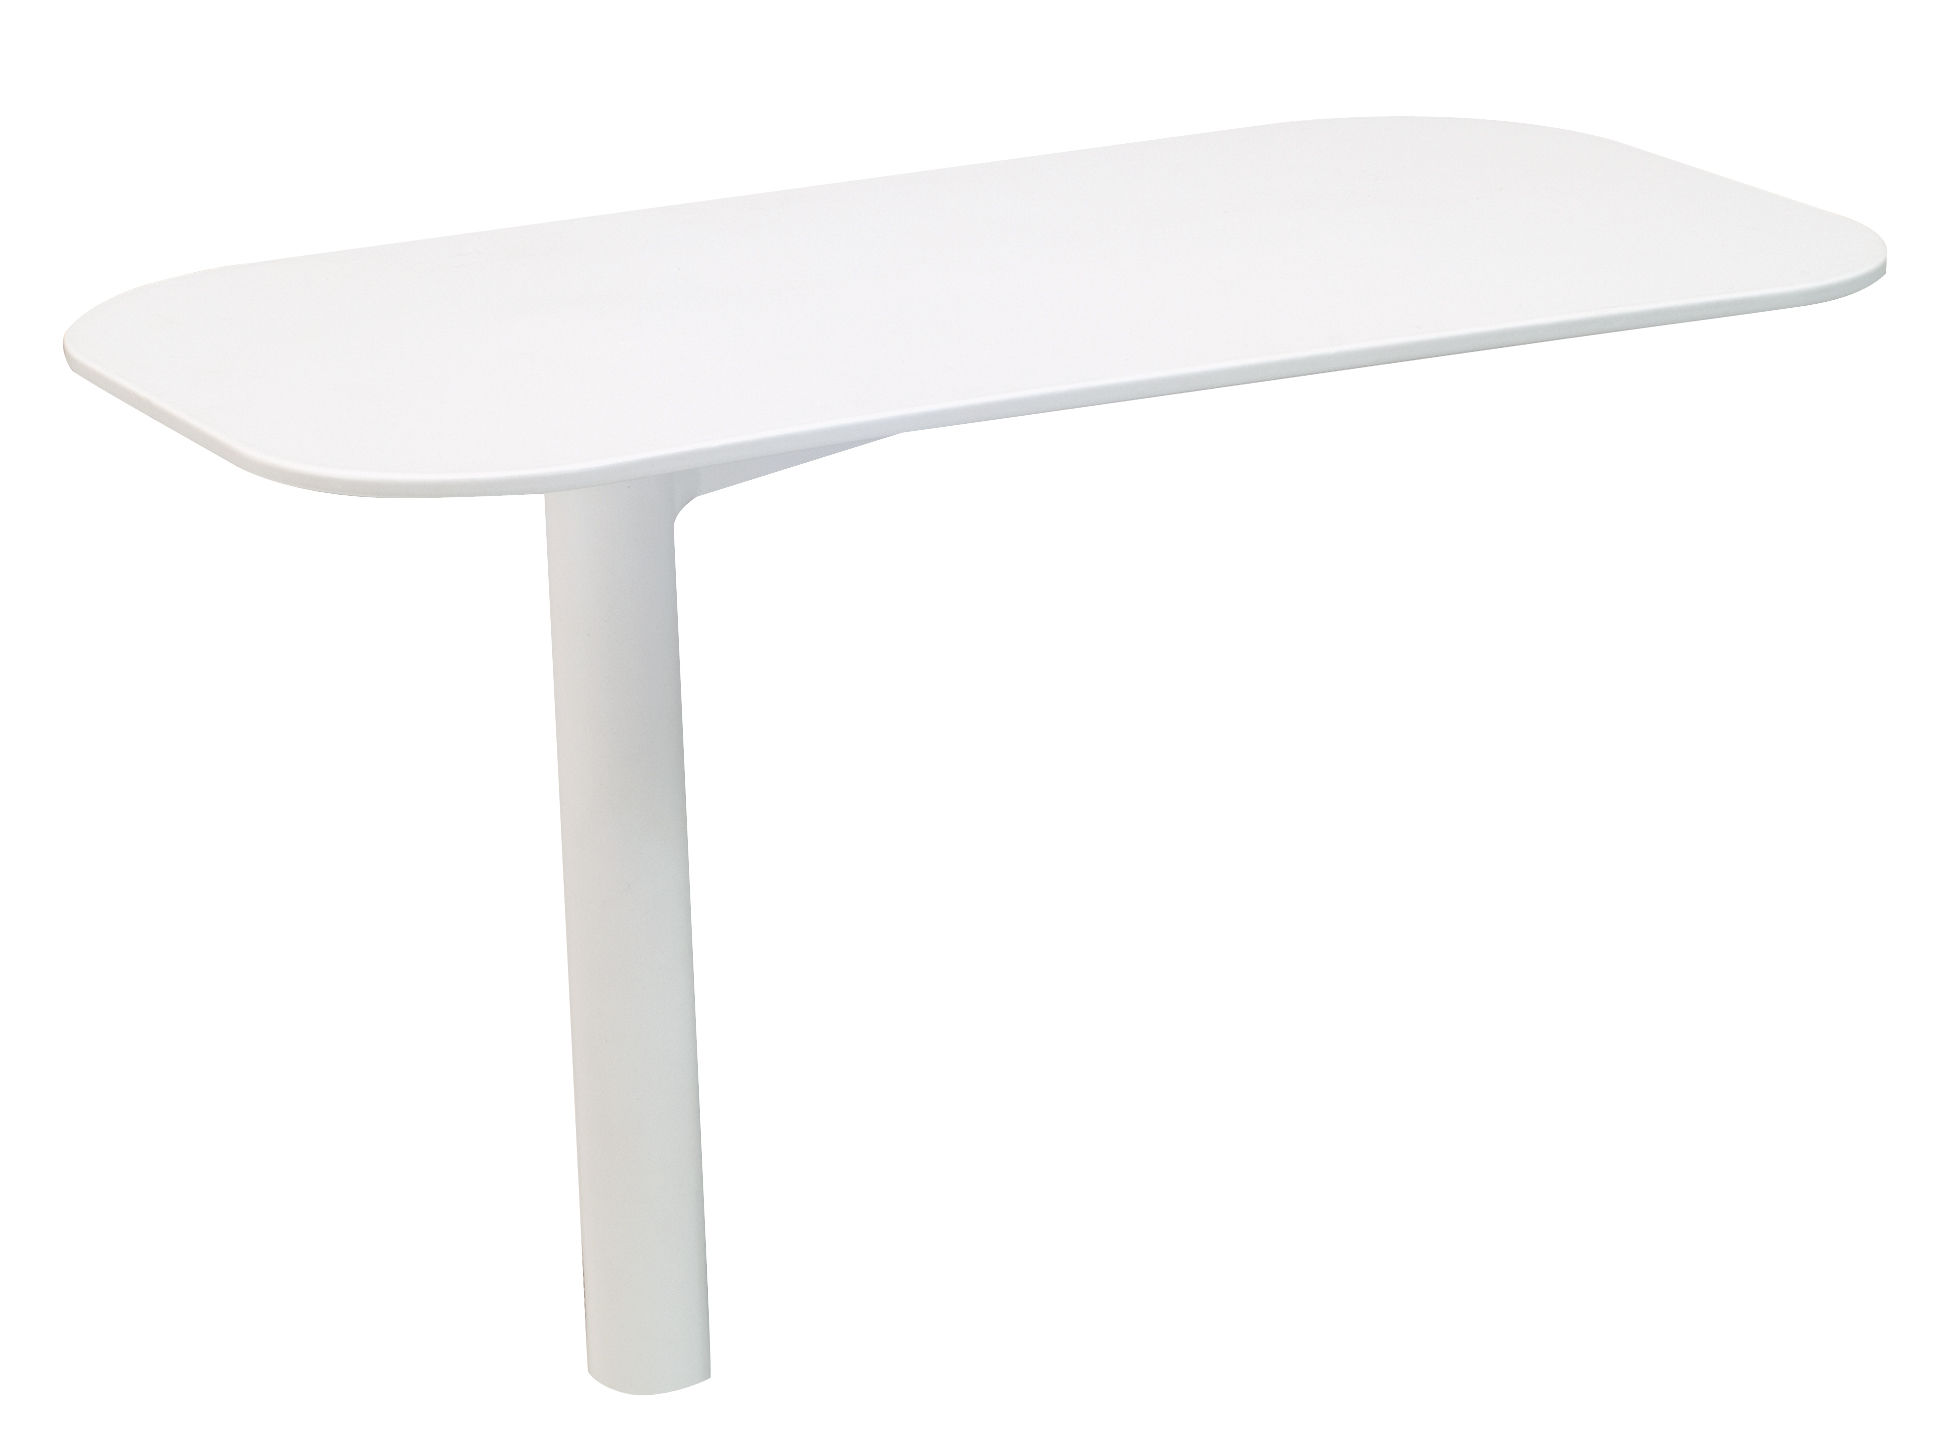 Mobilier - Canapés - Tablette pivotante / Pour modules Rivage - Vlaemynck - Blanc - Aluminium laqué